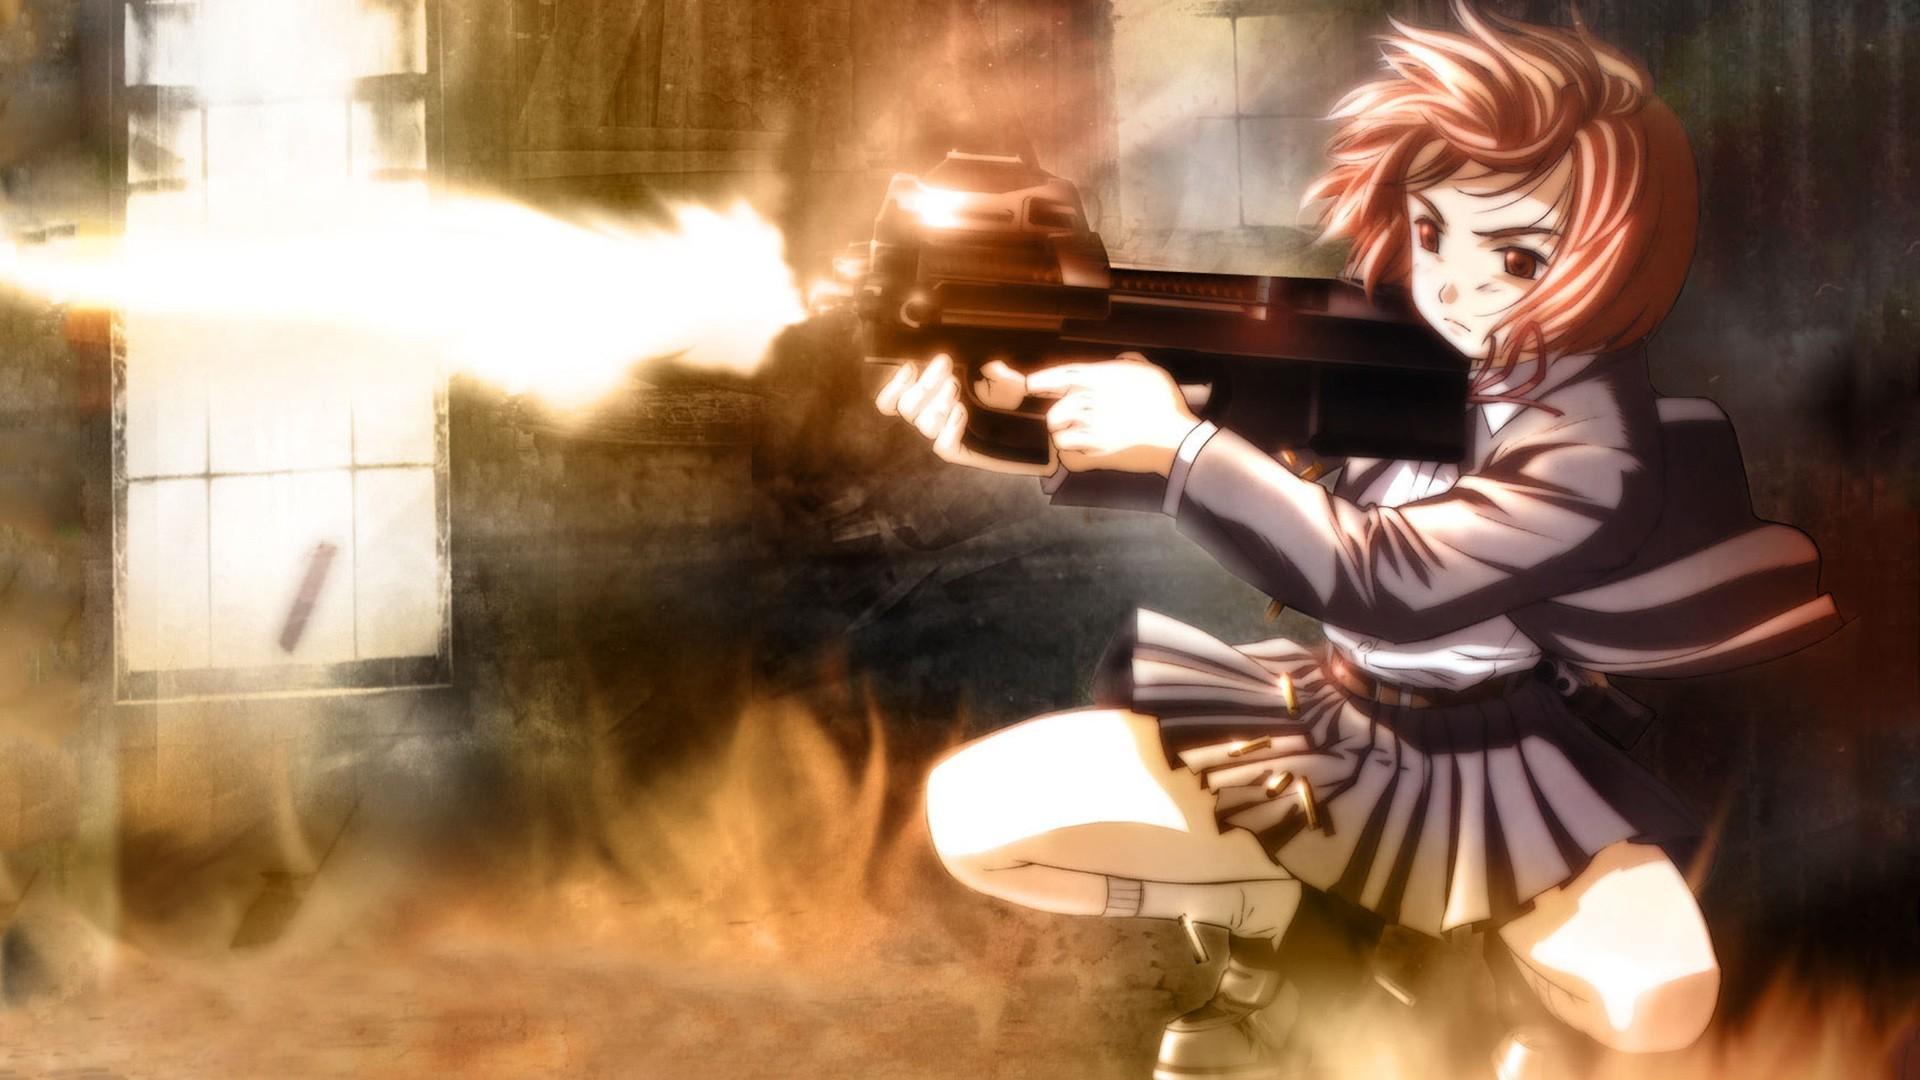 Angels Gunslinger Girl girls with guns anime anime girls Henrietta  (Gunslinger Girl) wallpaper | | 199774 | WallpaperUP